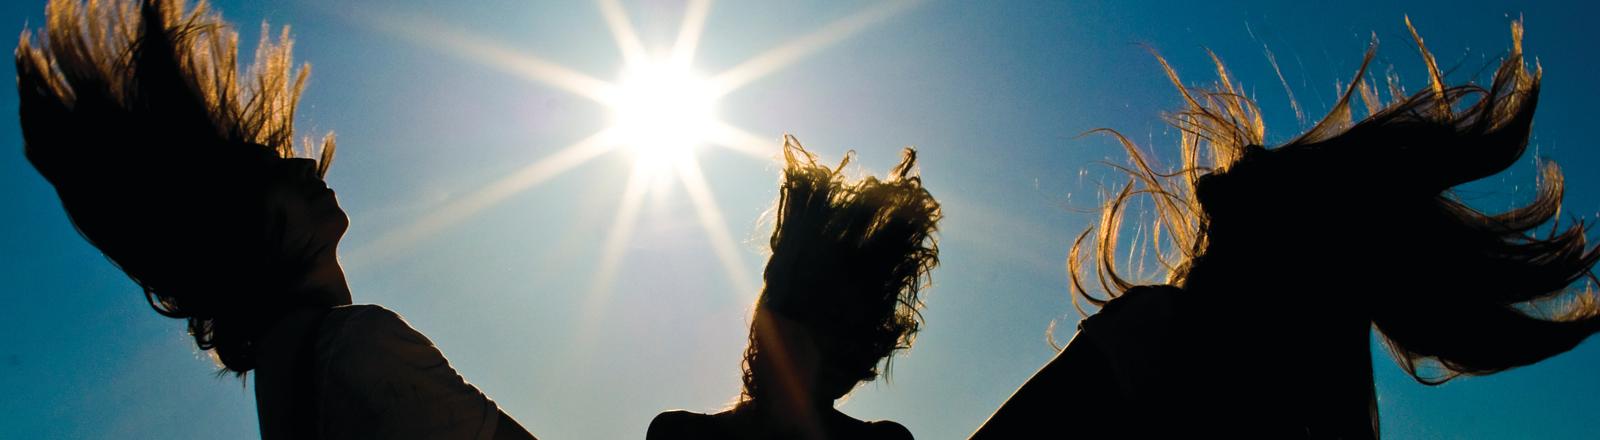 Drei Frauen mit offenen Haaren im Sonnenlicht